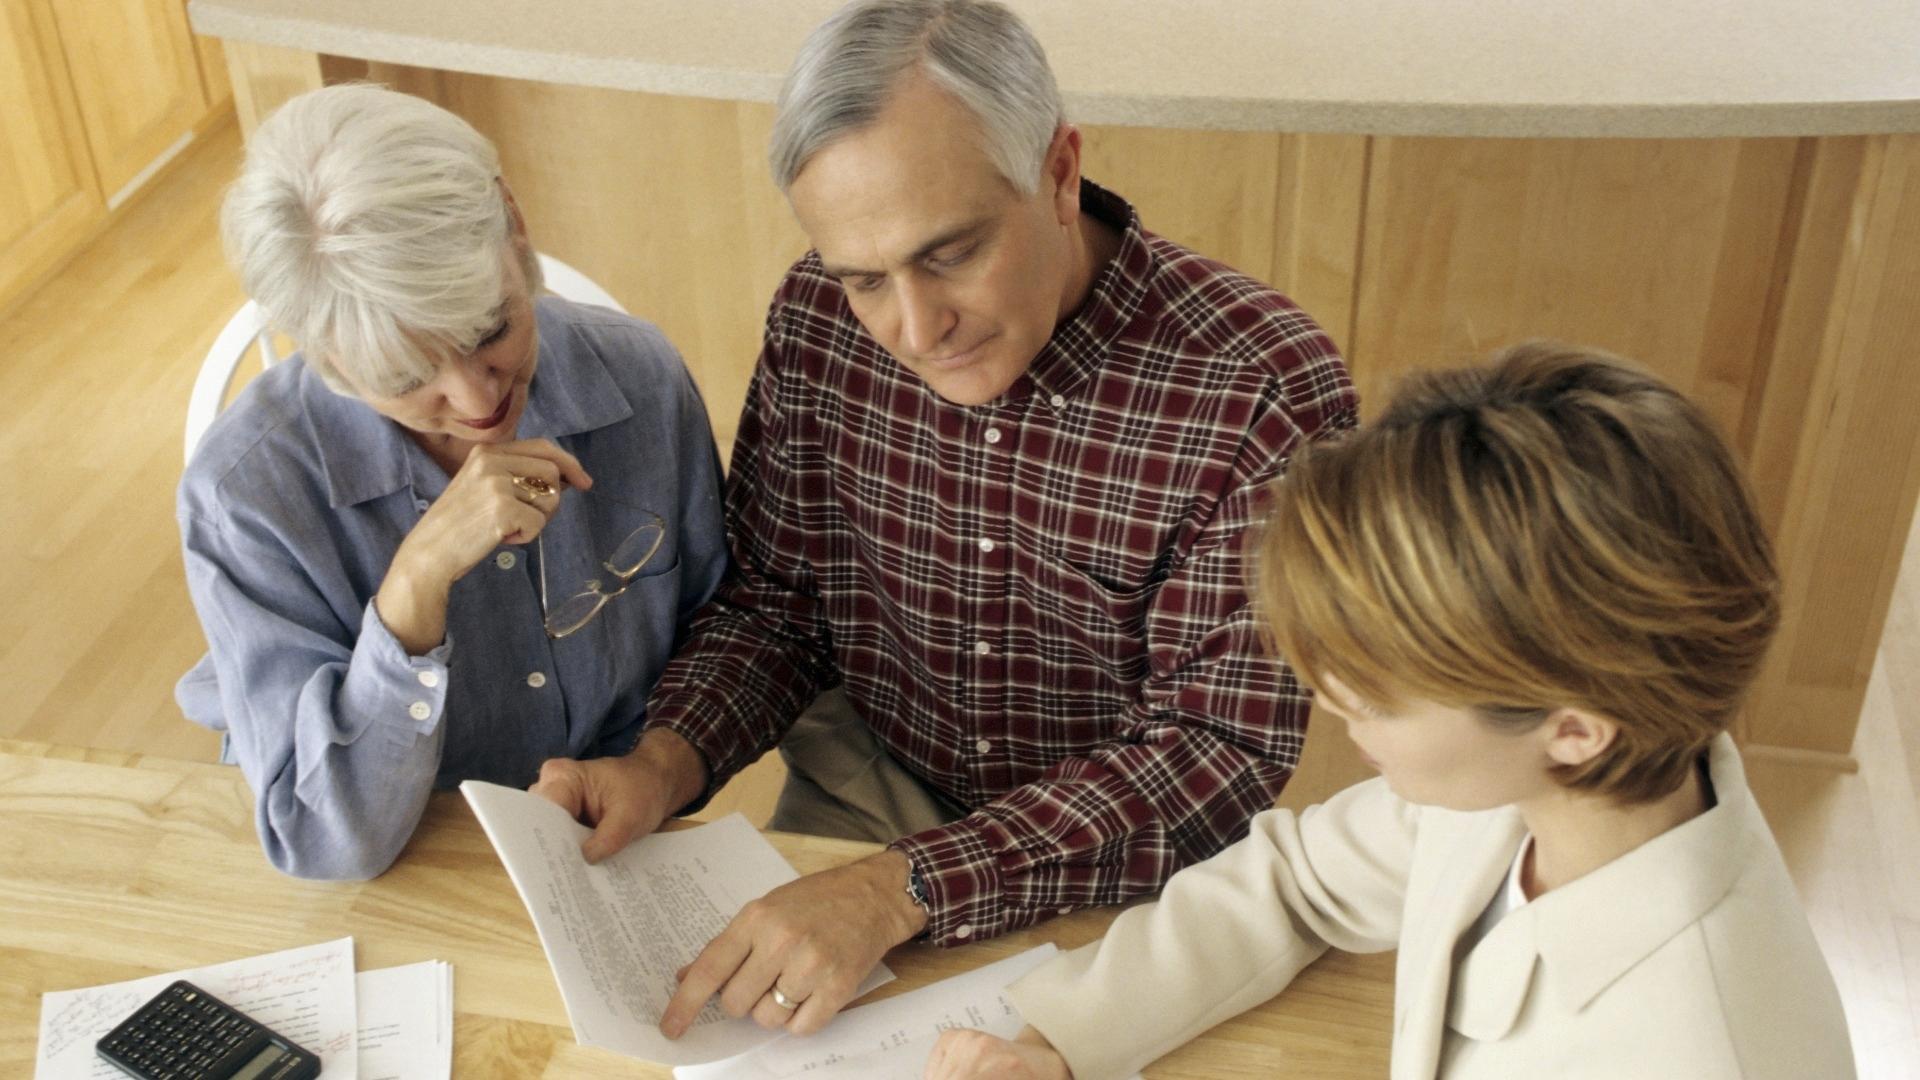 Kotimyynnin asiakkaalla on 14 vuorokauden peruutusoikeus, josta myyjän pitää kertoa kauppaa tehdessä. Sopimus kannattaa myös lukea tarkkaan läpi.